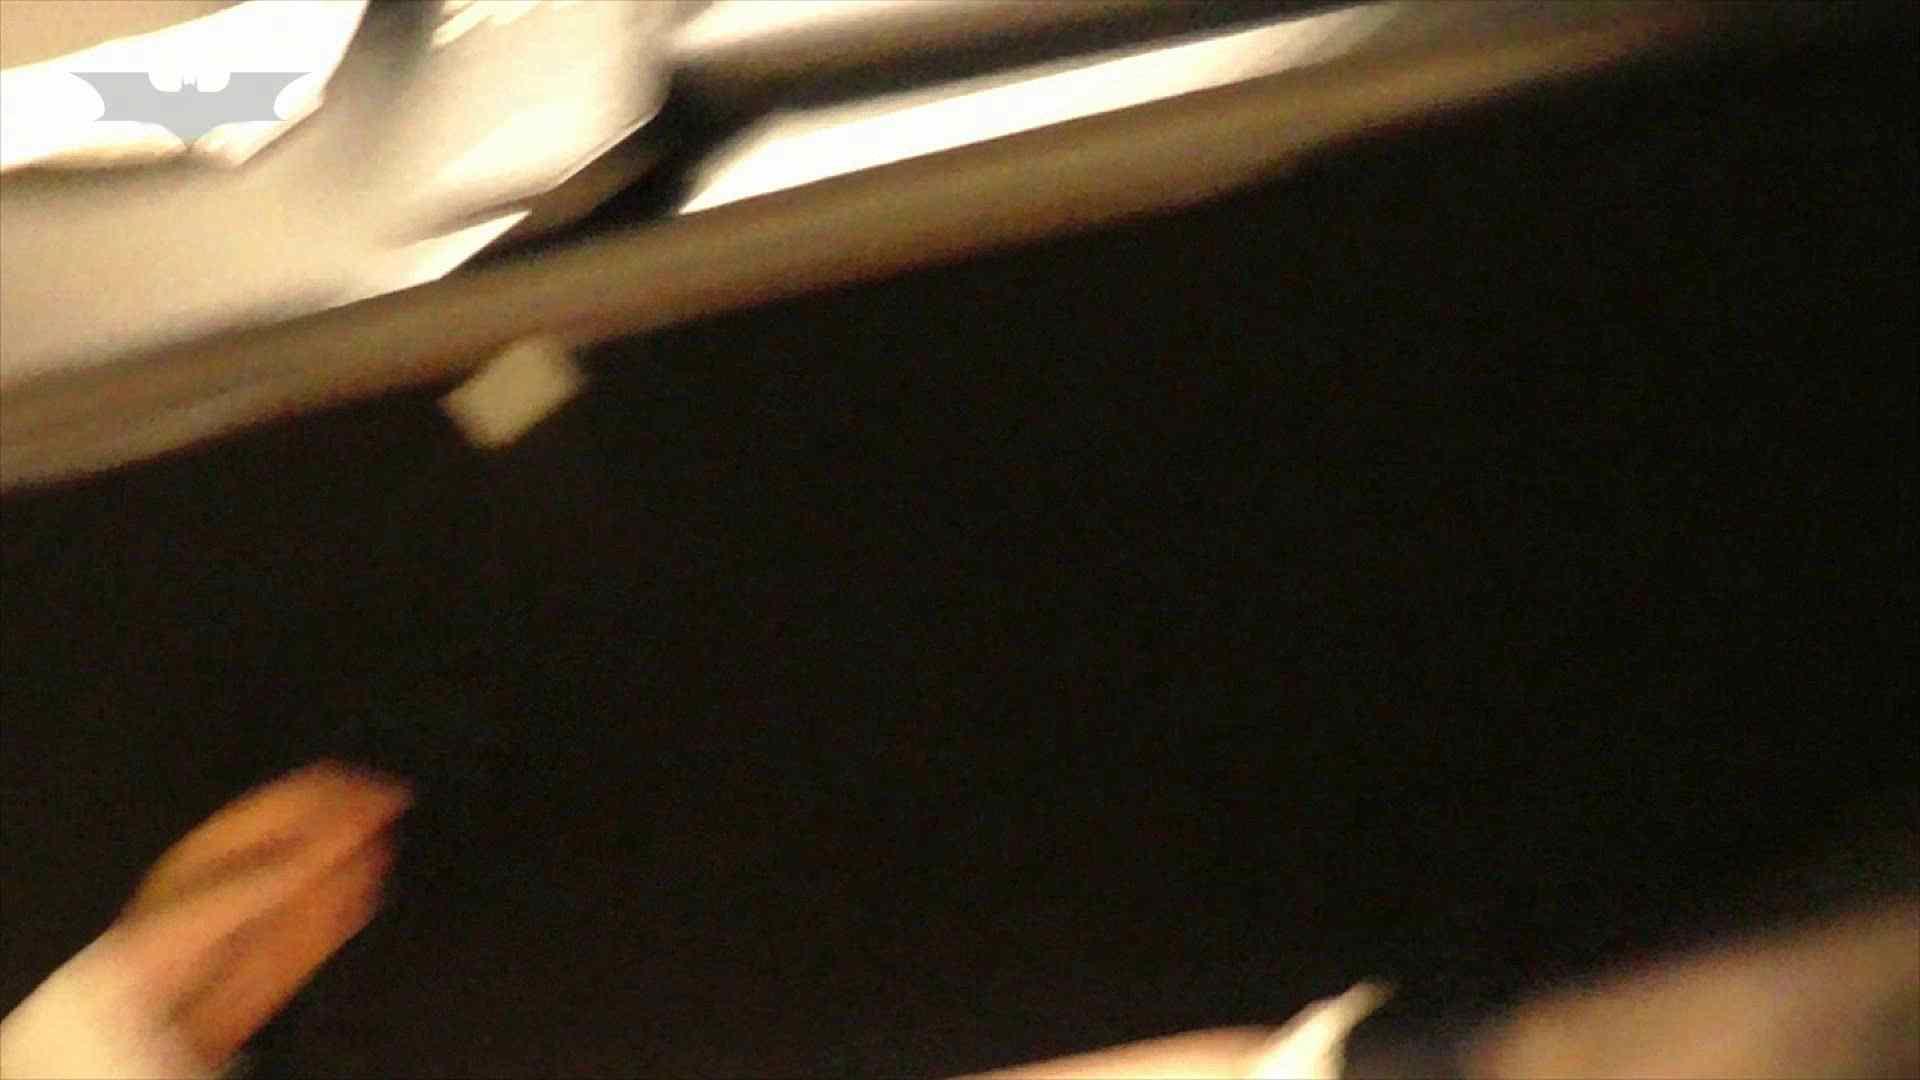 悪戯ネットカフェ Vol.05 エロ系オネェたんに魔法を掛けて・・・。 イタズラ  89pic 62